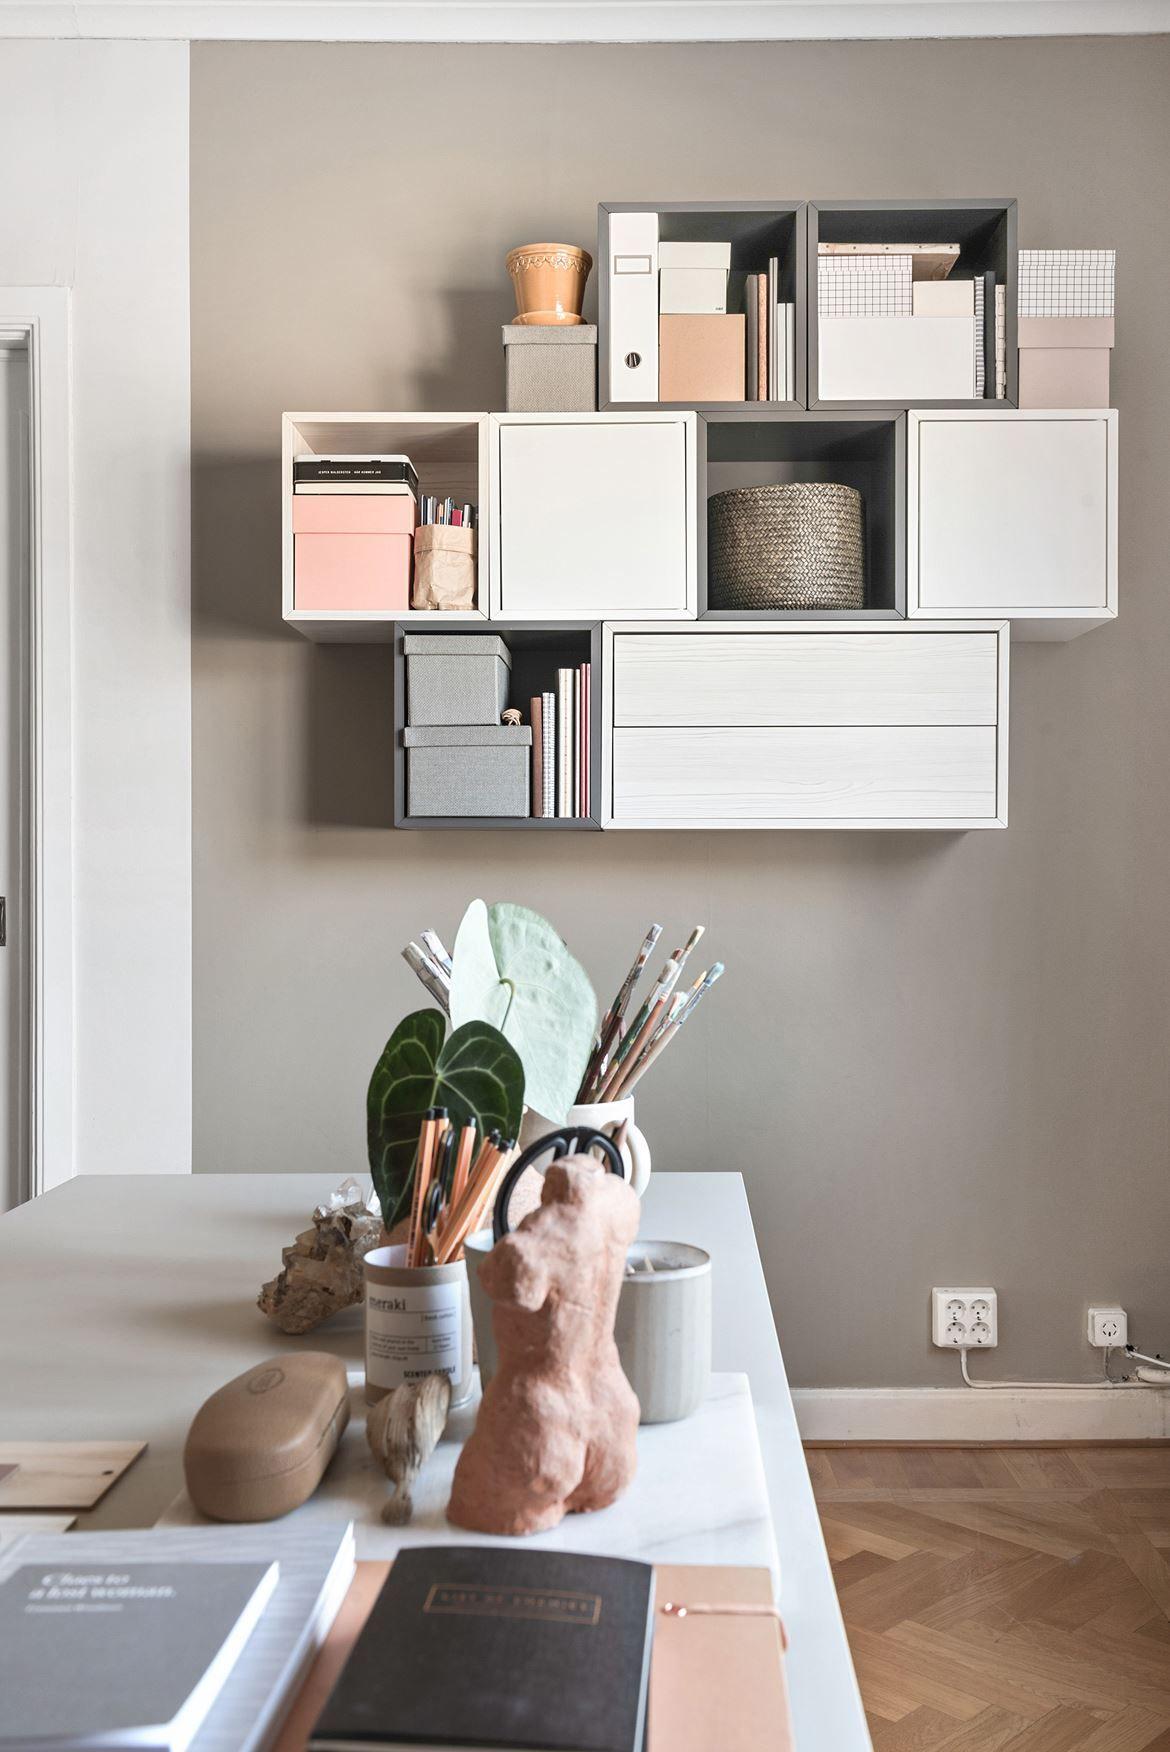 Cubi Soggiorno Ikea Mobili Da Soggiorno Ikea Idee Per La Casa